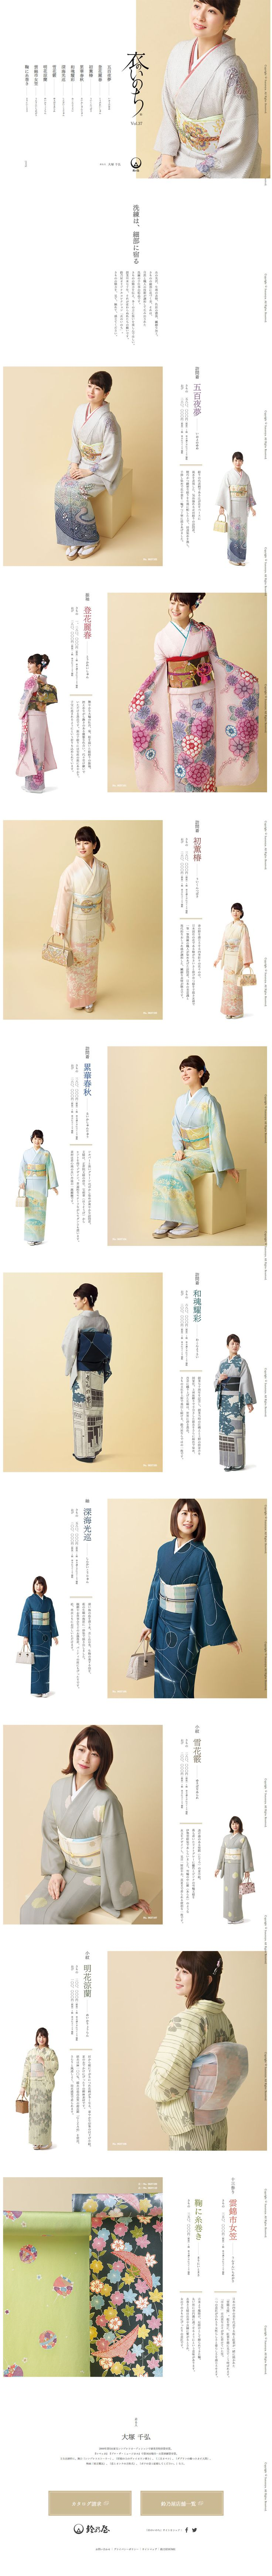 衣のいのち【ファッション関連】のLPデザイン。WEBデザイナーさん必見!ランディングページのデザイン参考に(キレイ系)